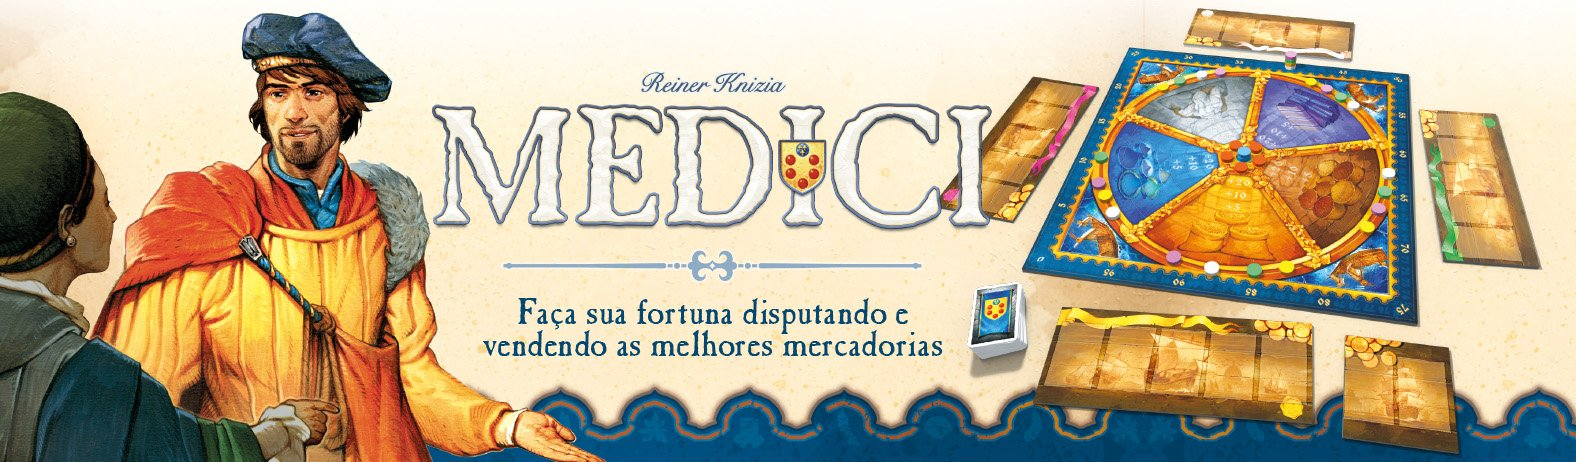 Banner Tarja - Medici